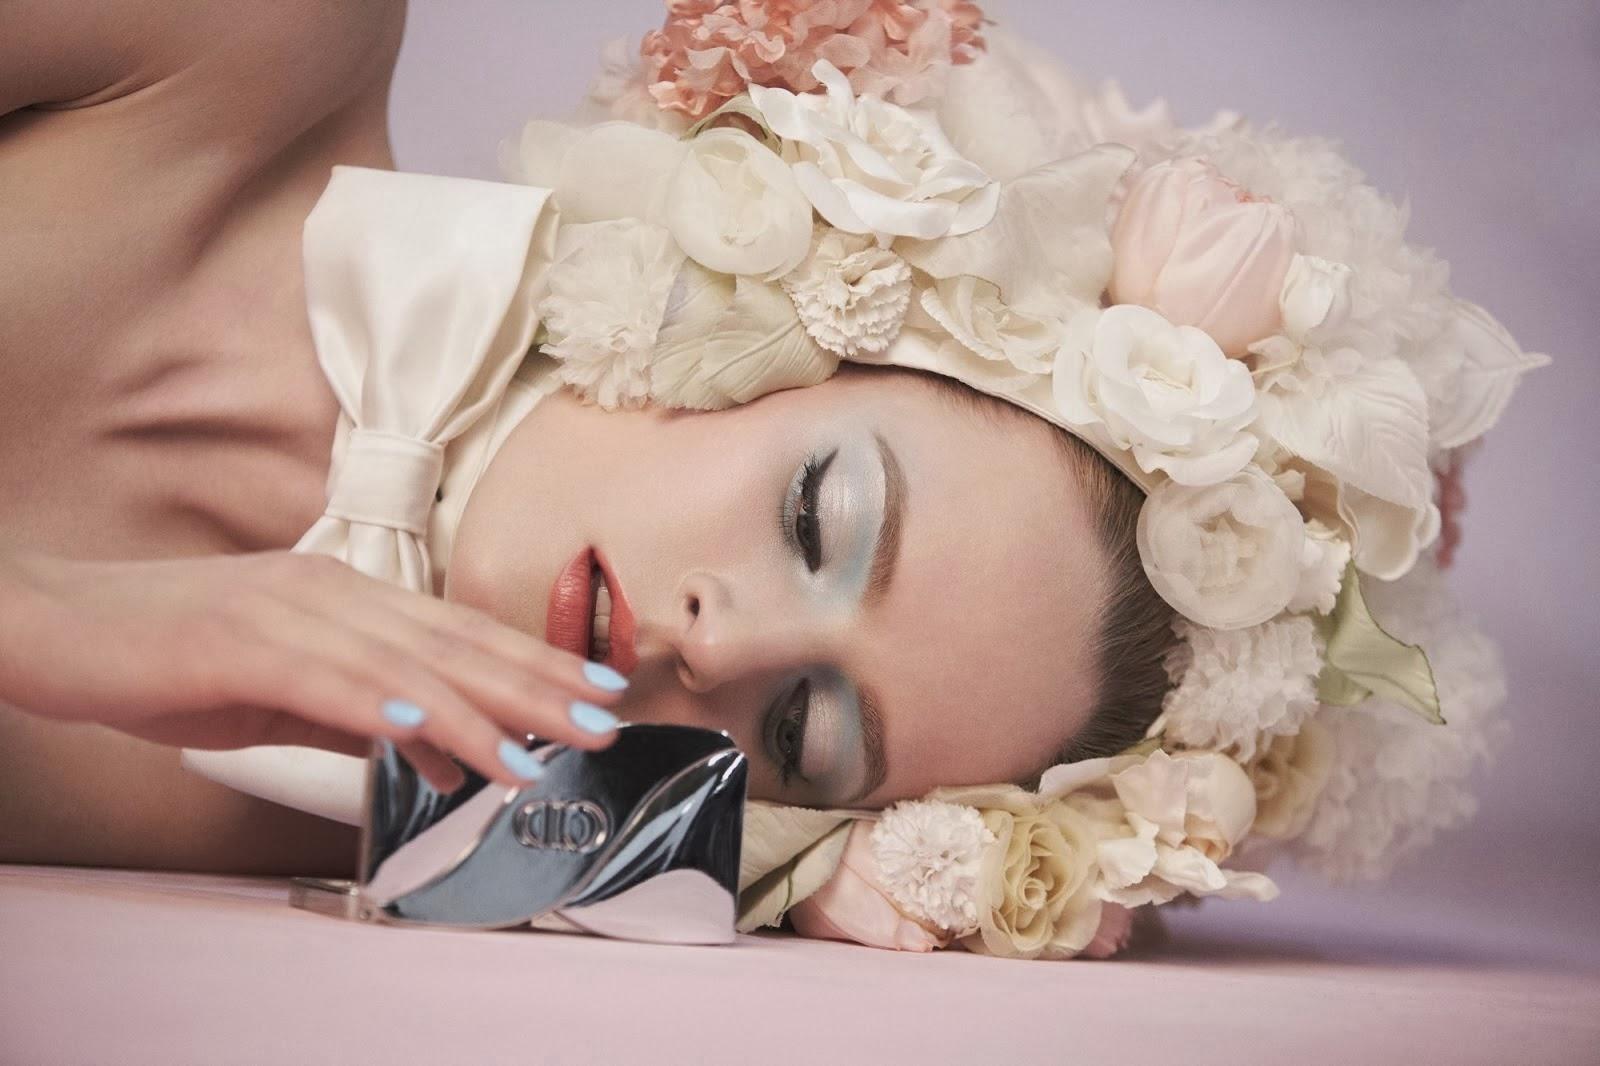 Белые тюльпаны фото с девушкой